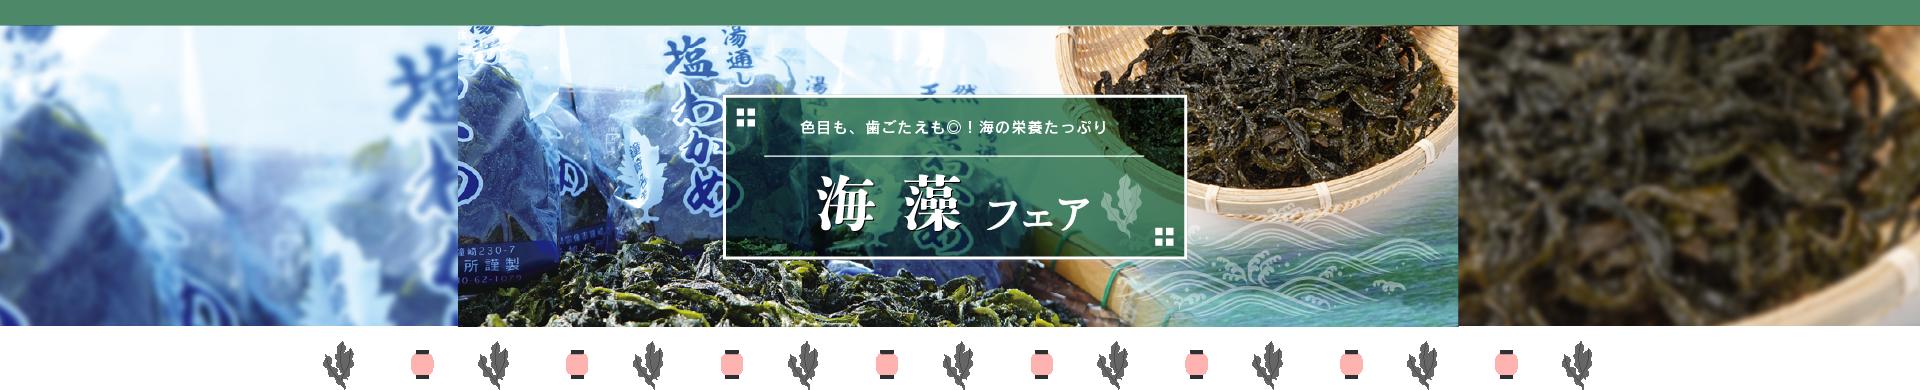 海藻フェア